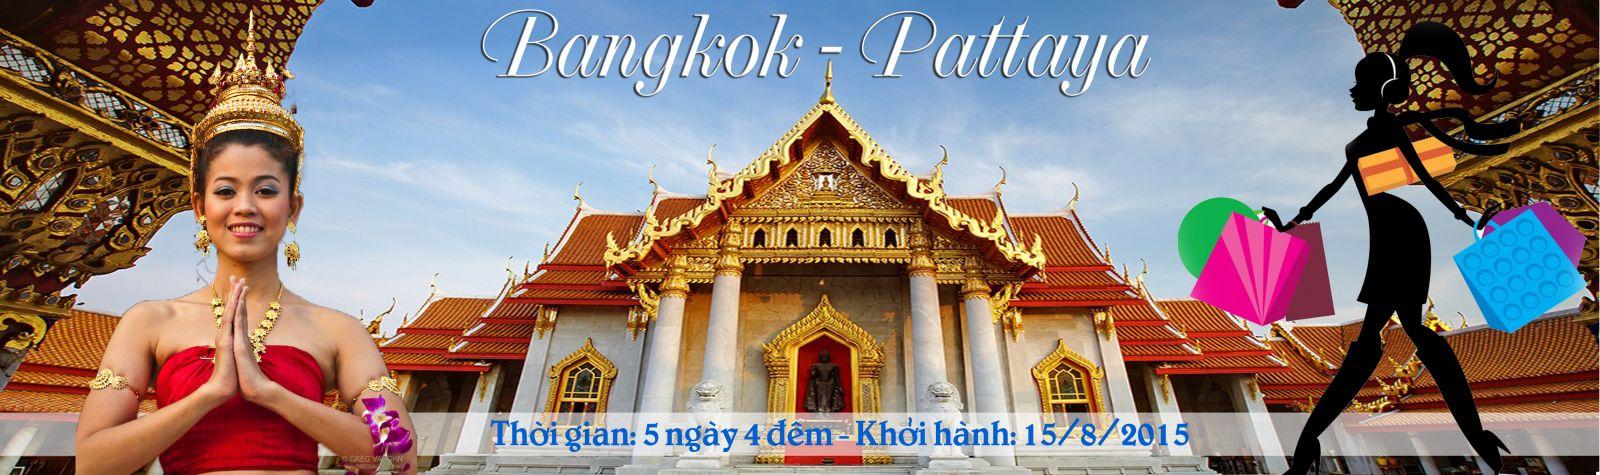 du lich - du lich thai lan